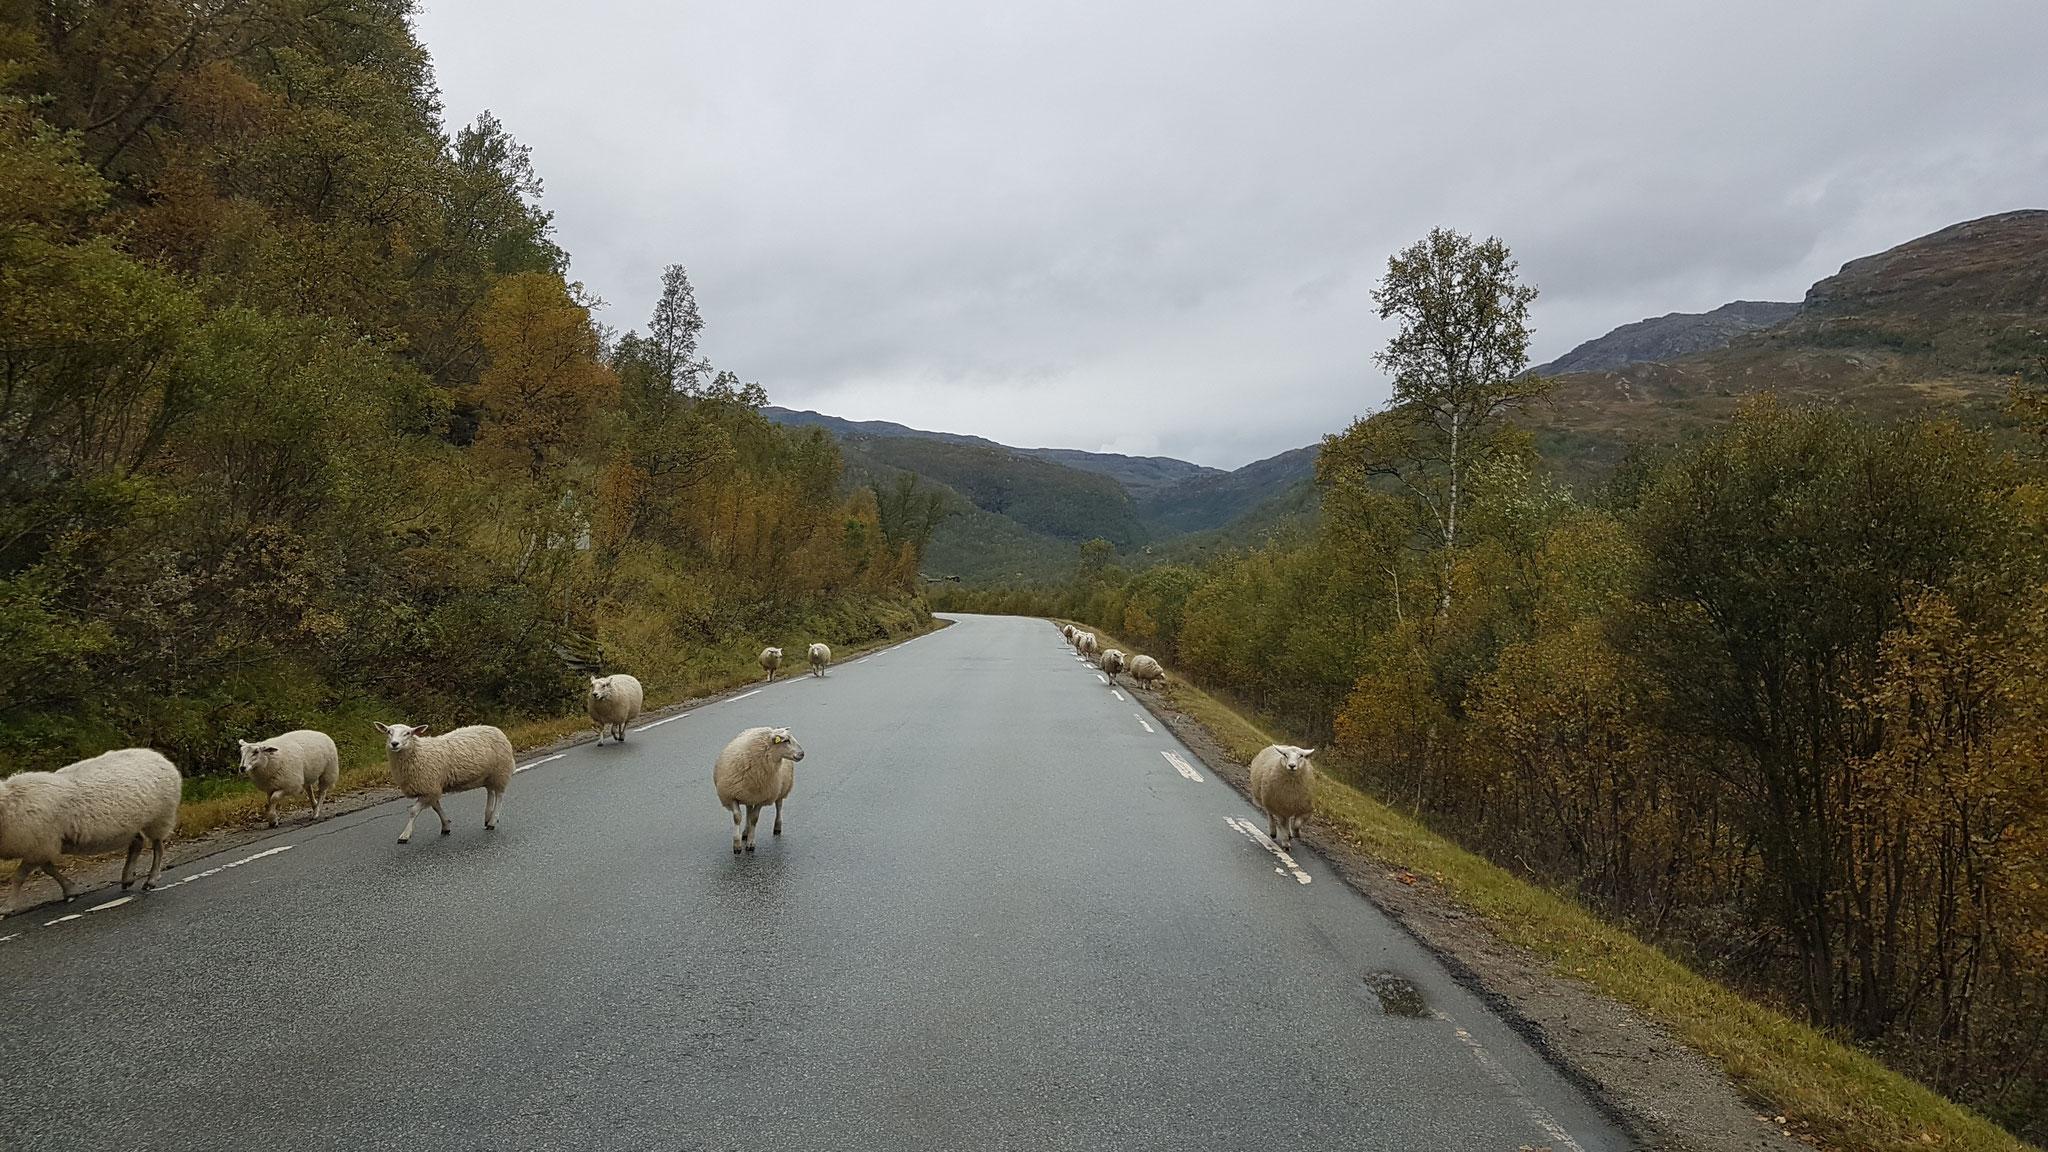 Hmmm Schafe - Elche wären uns lieber